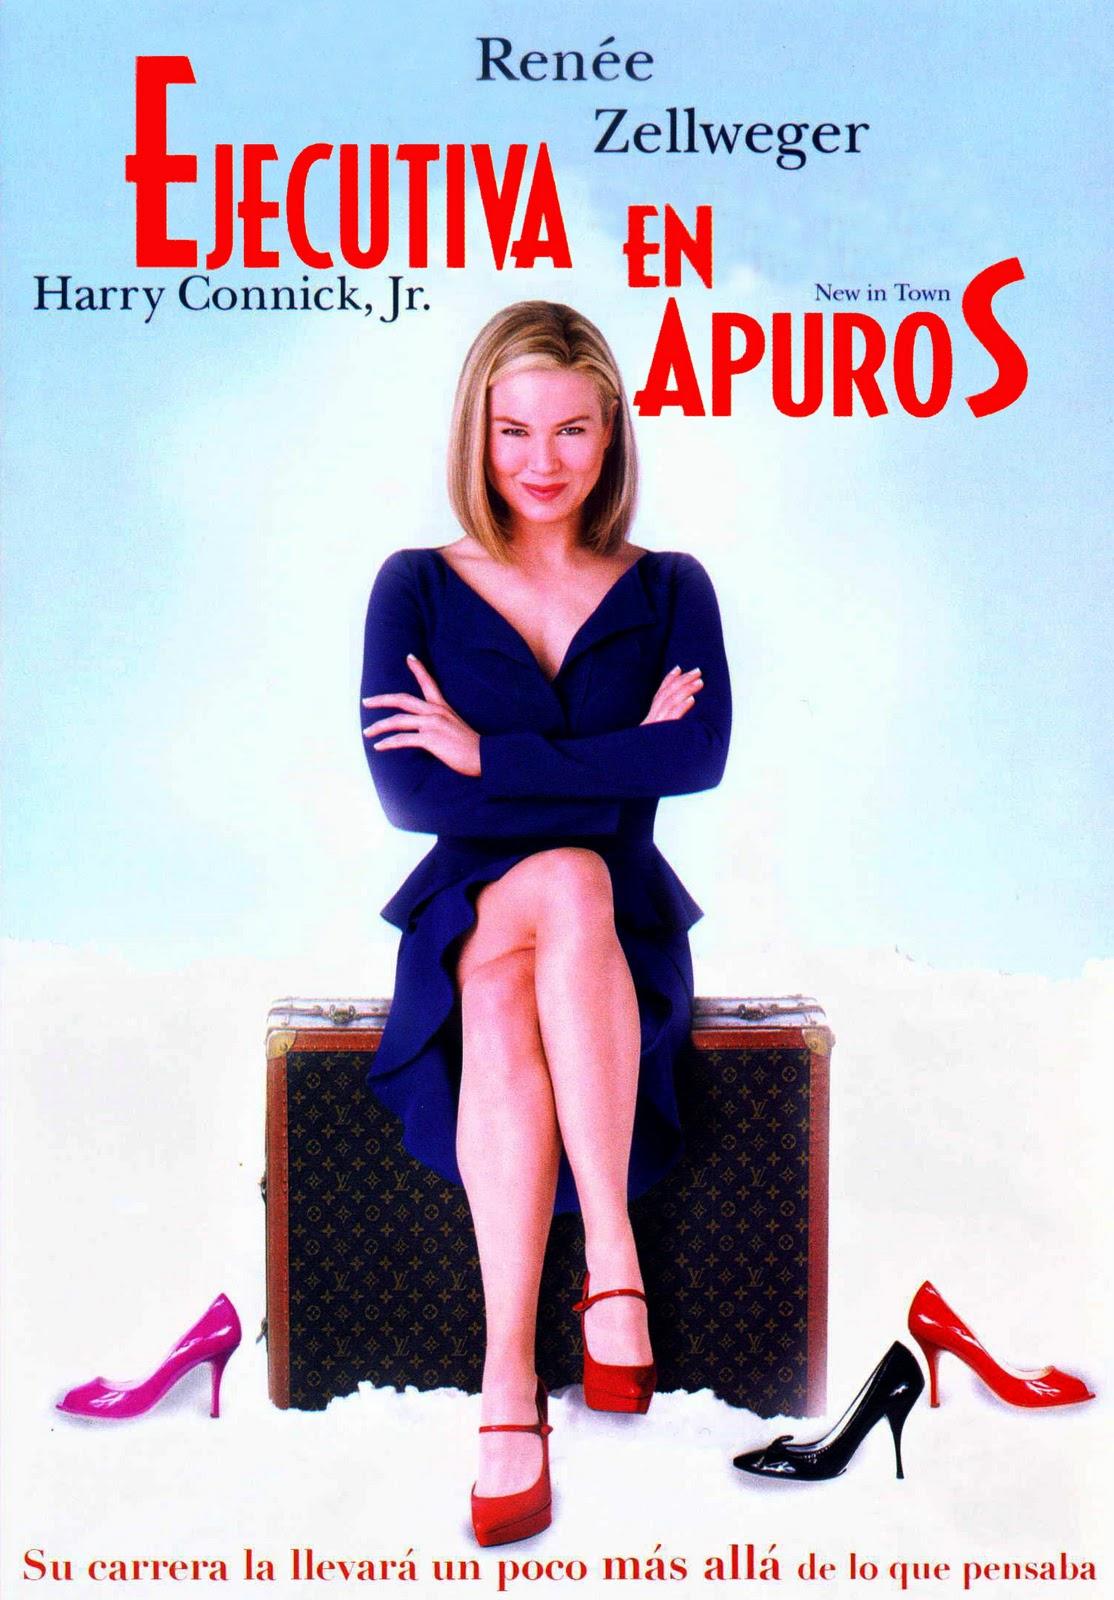 http://2.bp.blogspot.com/_pseYbbqmXE8/TTX-i01kxvI/AAAAAAAAAdo/-XRlgqKWr44/s1600/Ejecutiva_En_Apuros.jpg